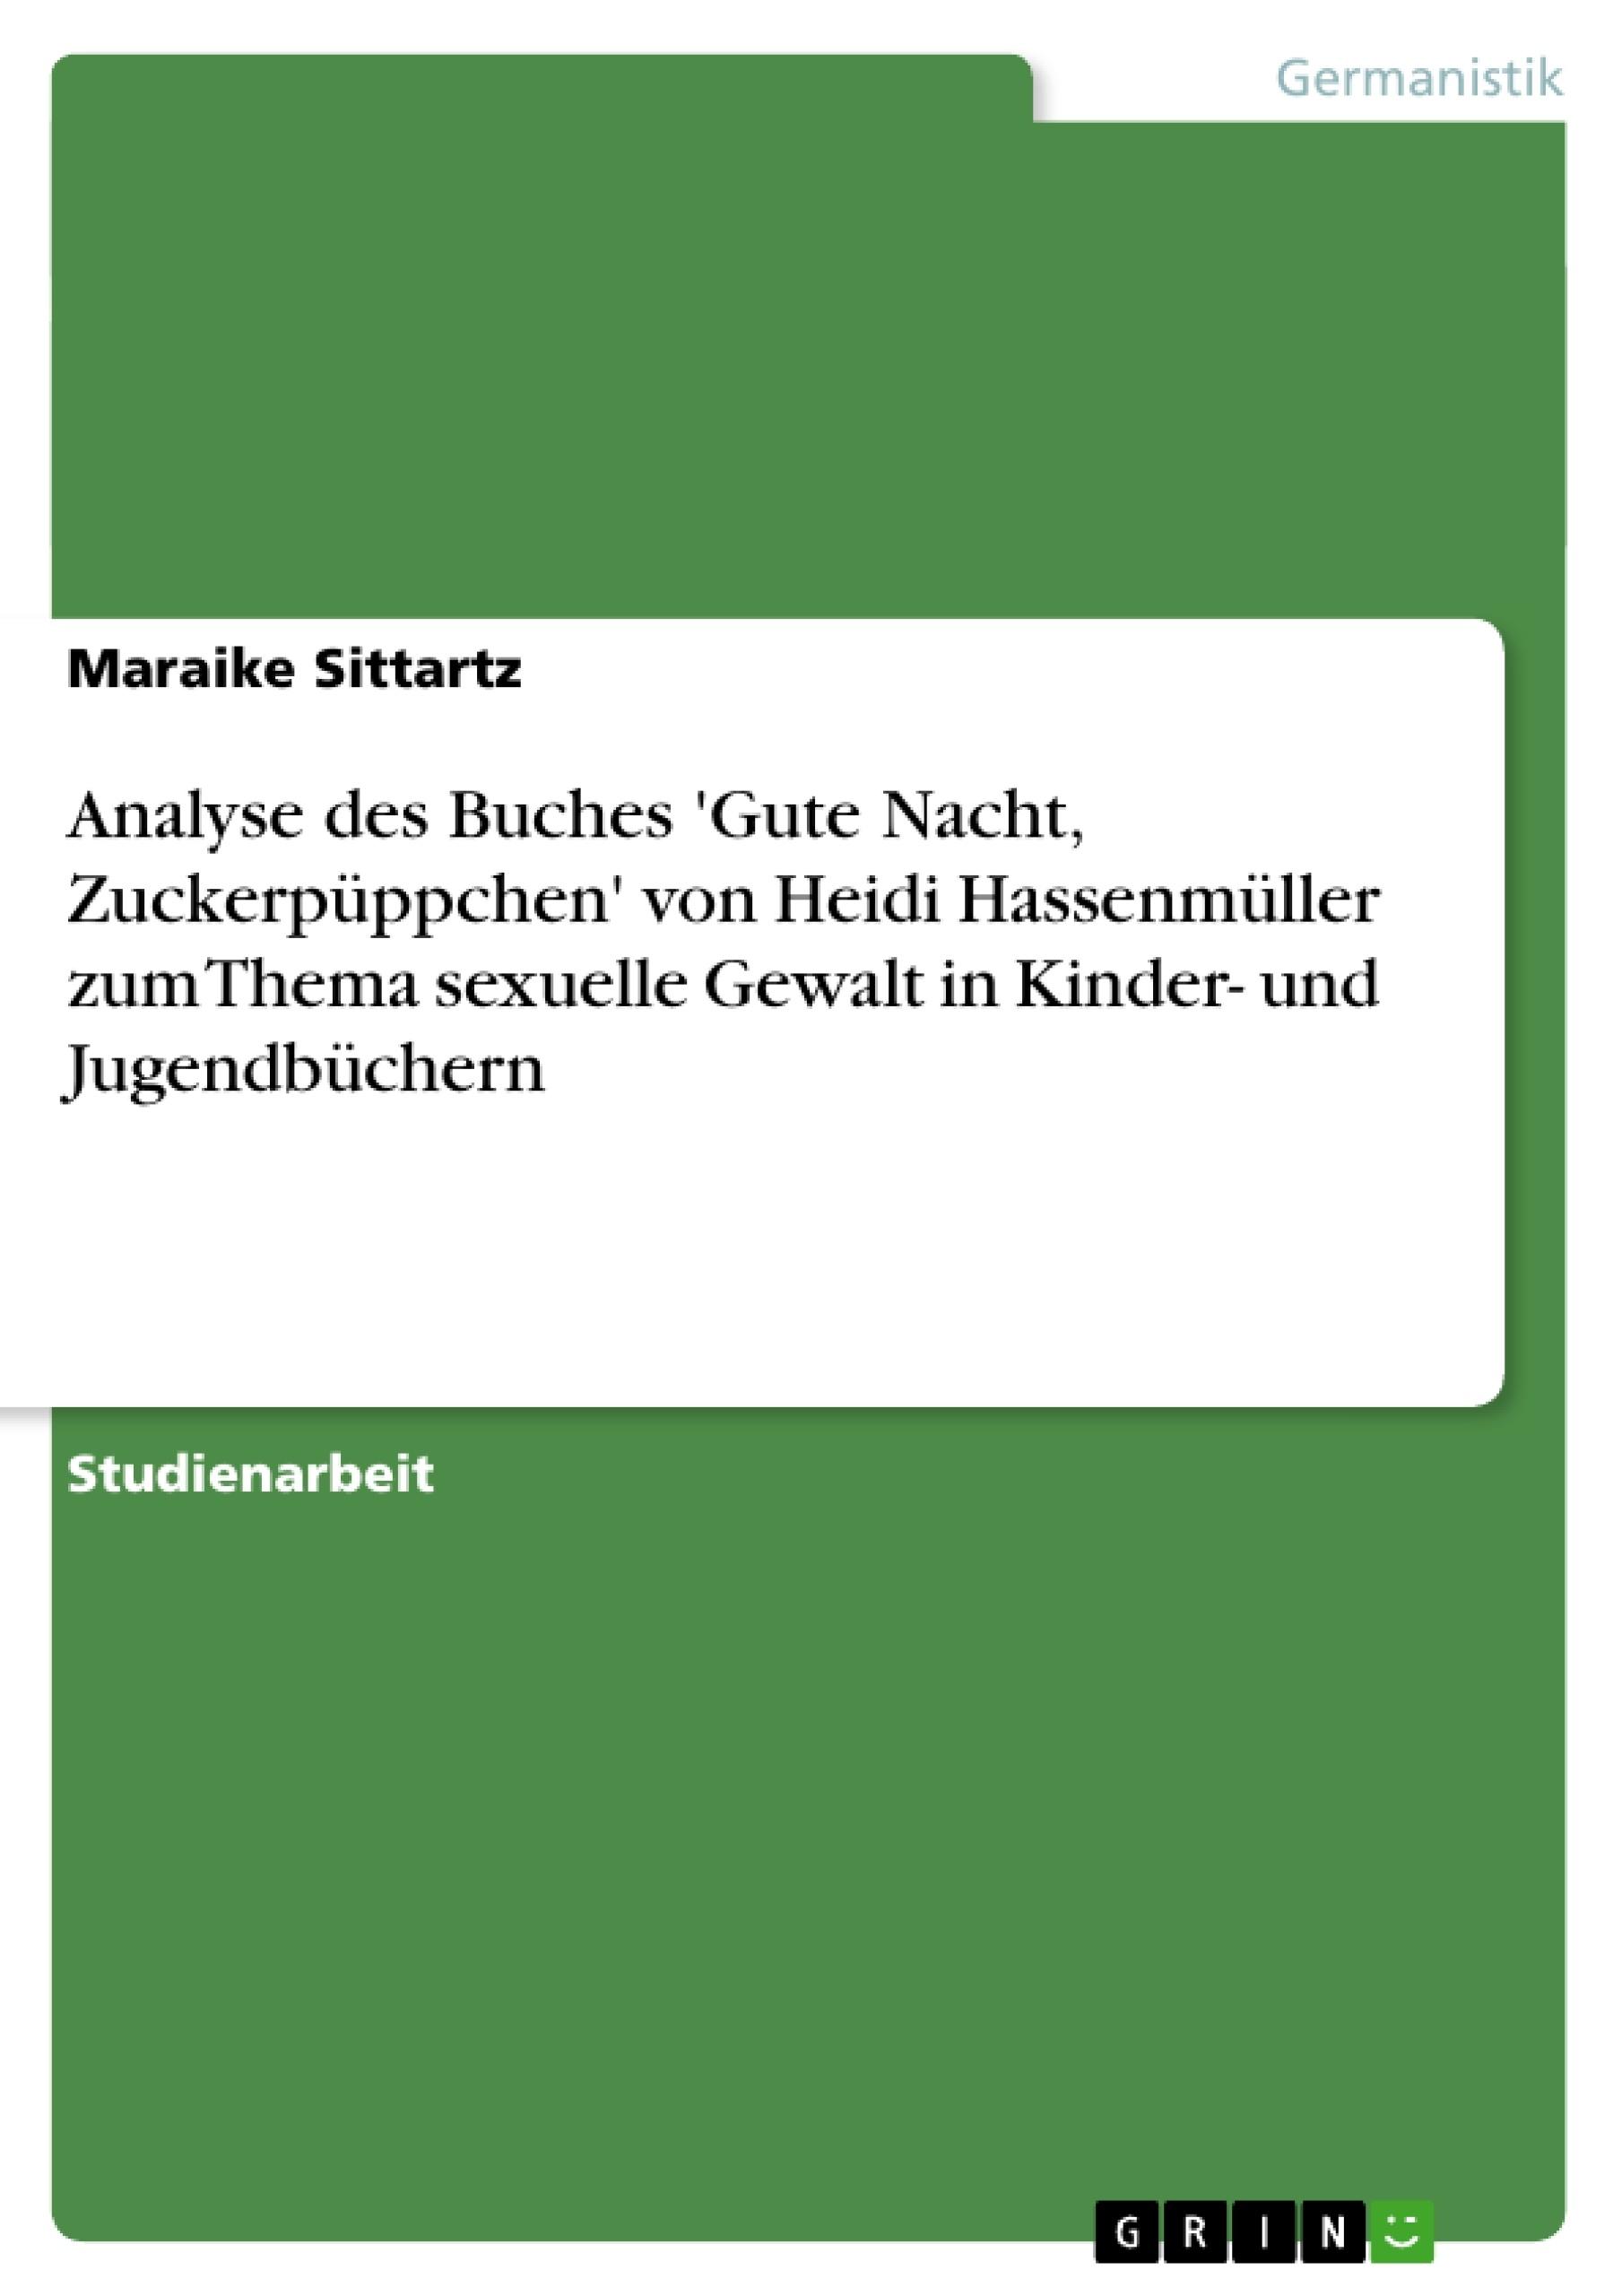 Titel: Analyse des Buches 'Gute Nacht, Zuckerpüppchen' von Heidi Hassenmüller zum Thema sexuelle Gewalt in Kinder- und Jugendbüchern